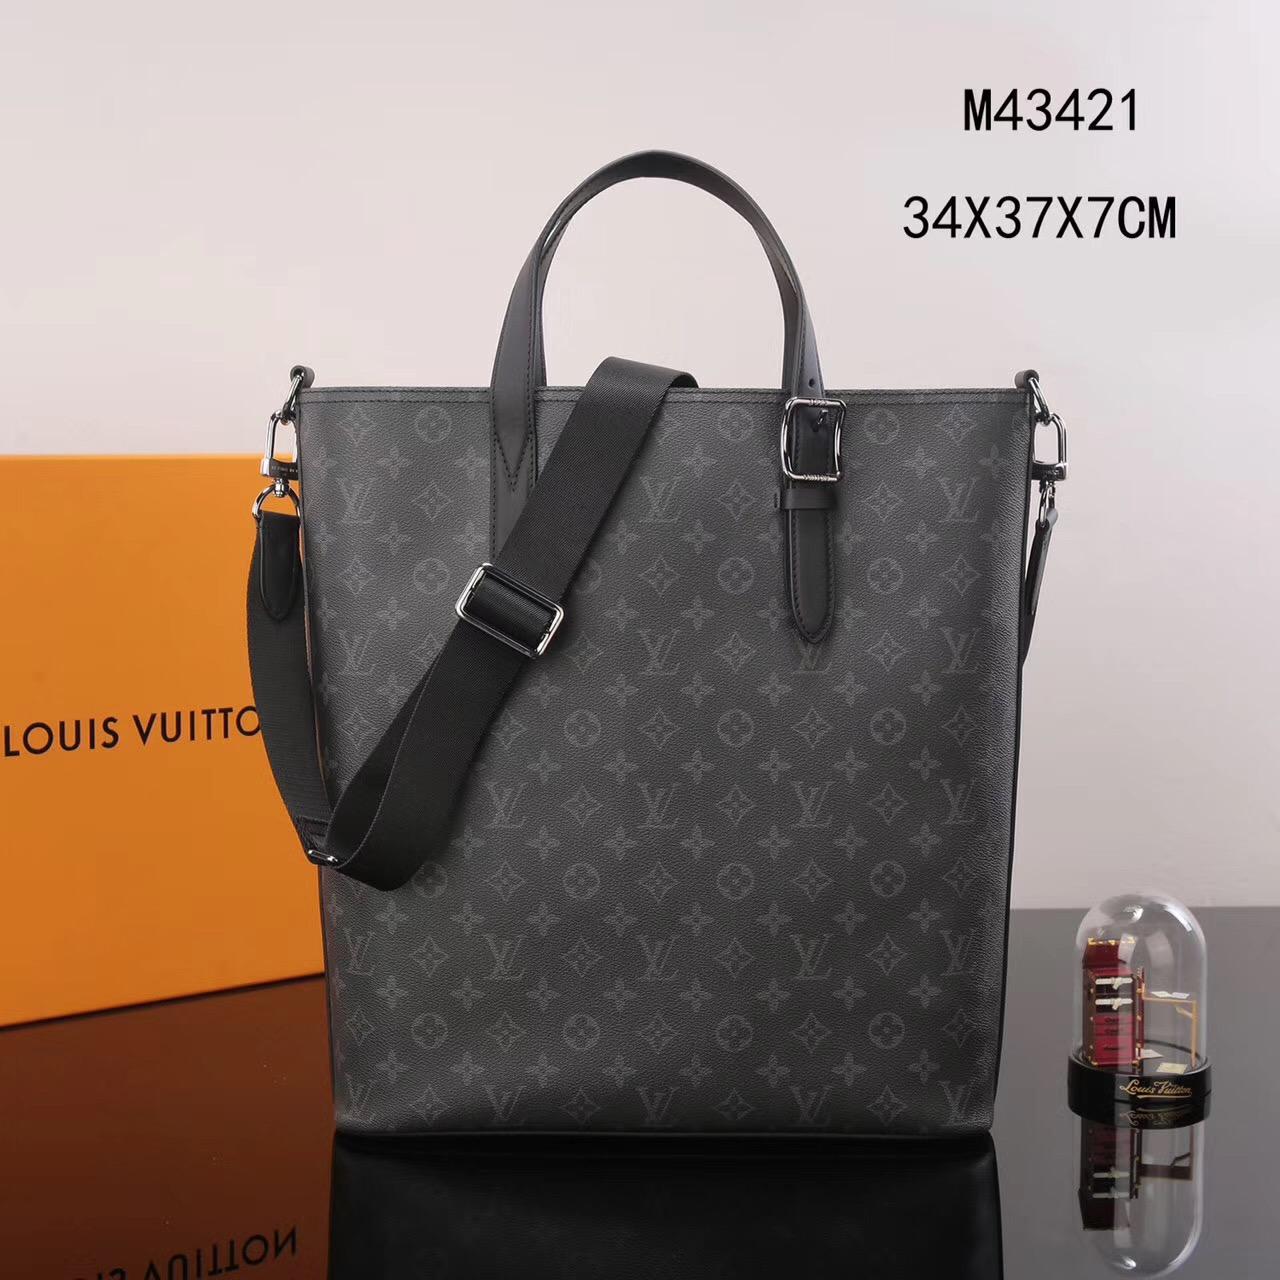 713bd0e76f43 Men LV Louis Vuitton M43421 Apollo Damier Tote Handbags bags Gray